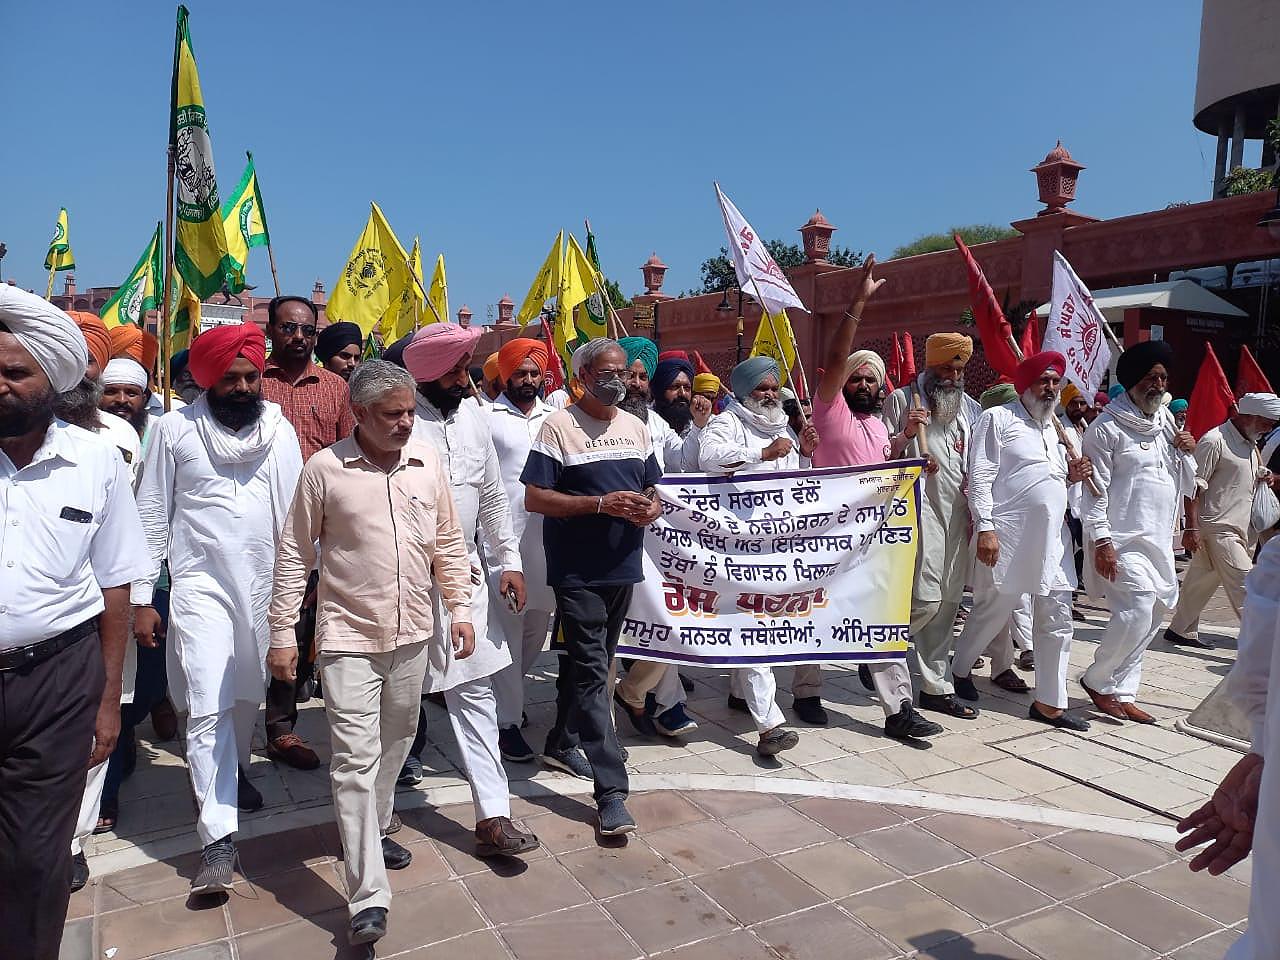 जलियांवाला बाग की तरफ मार्च निकालते हुए विभिन्न संस्थाओं के सदस्य।